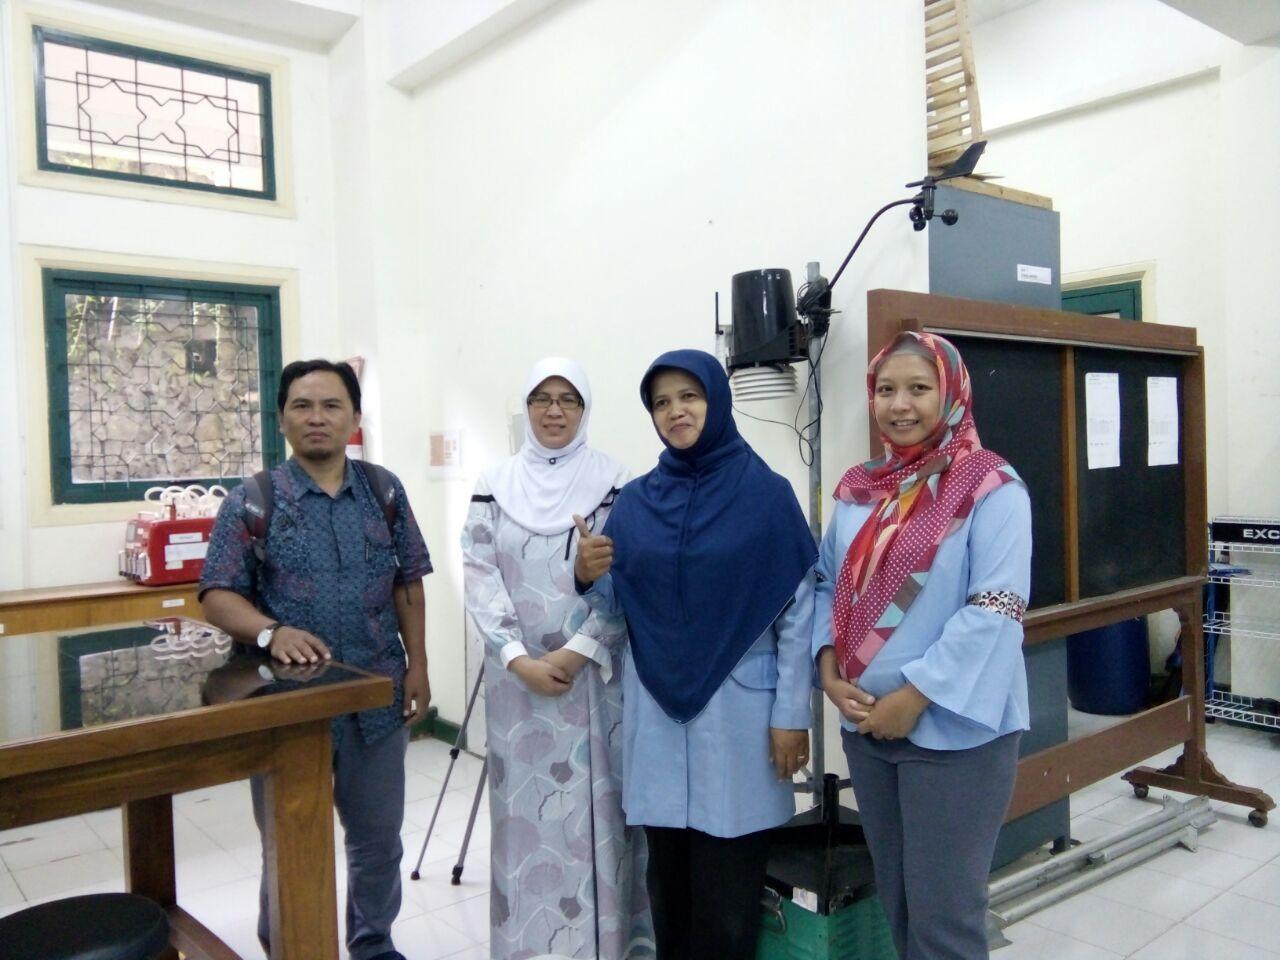 Penelitian Bersama Dosen Jurusan Statistika dan Dosen Universitas Islam Indonesia